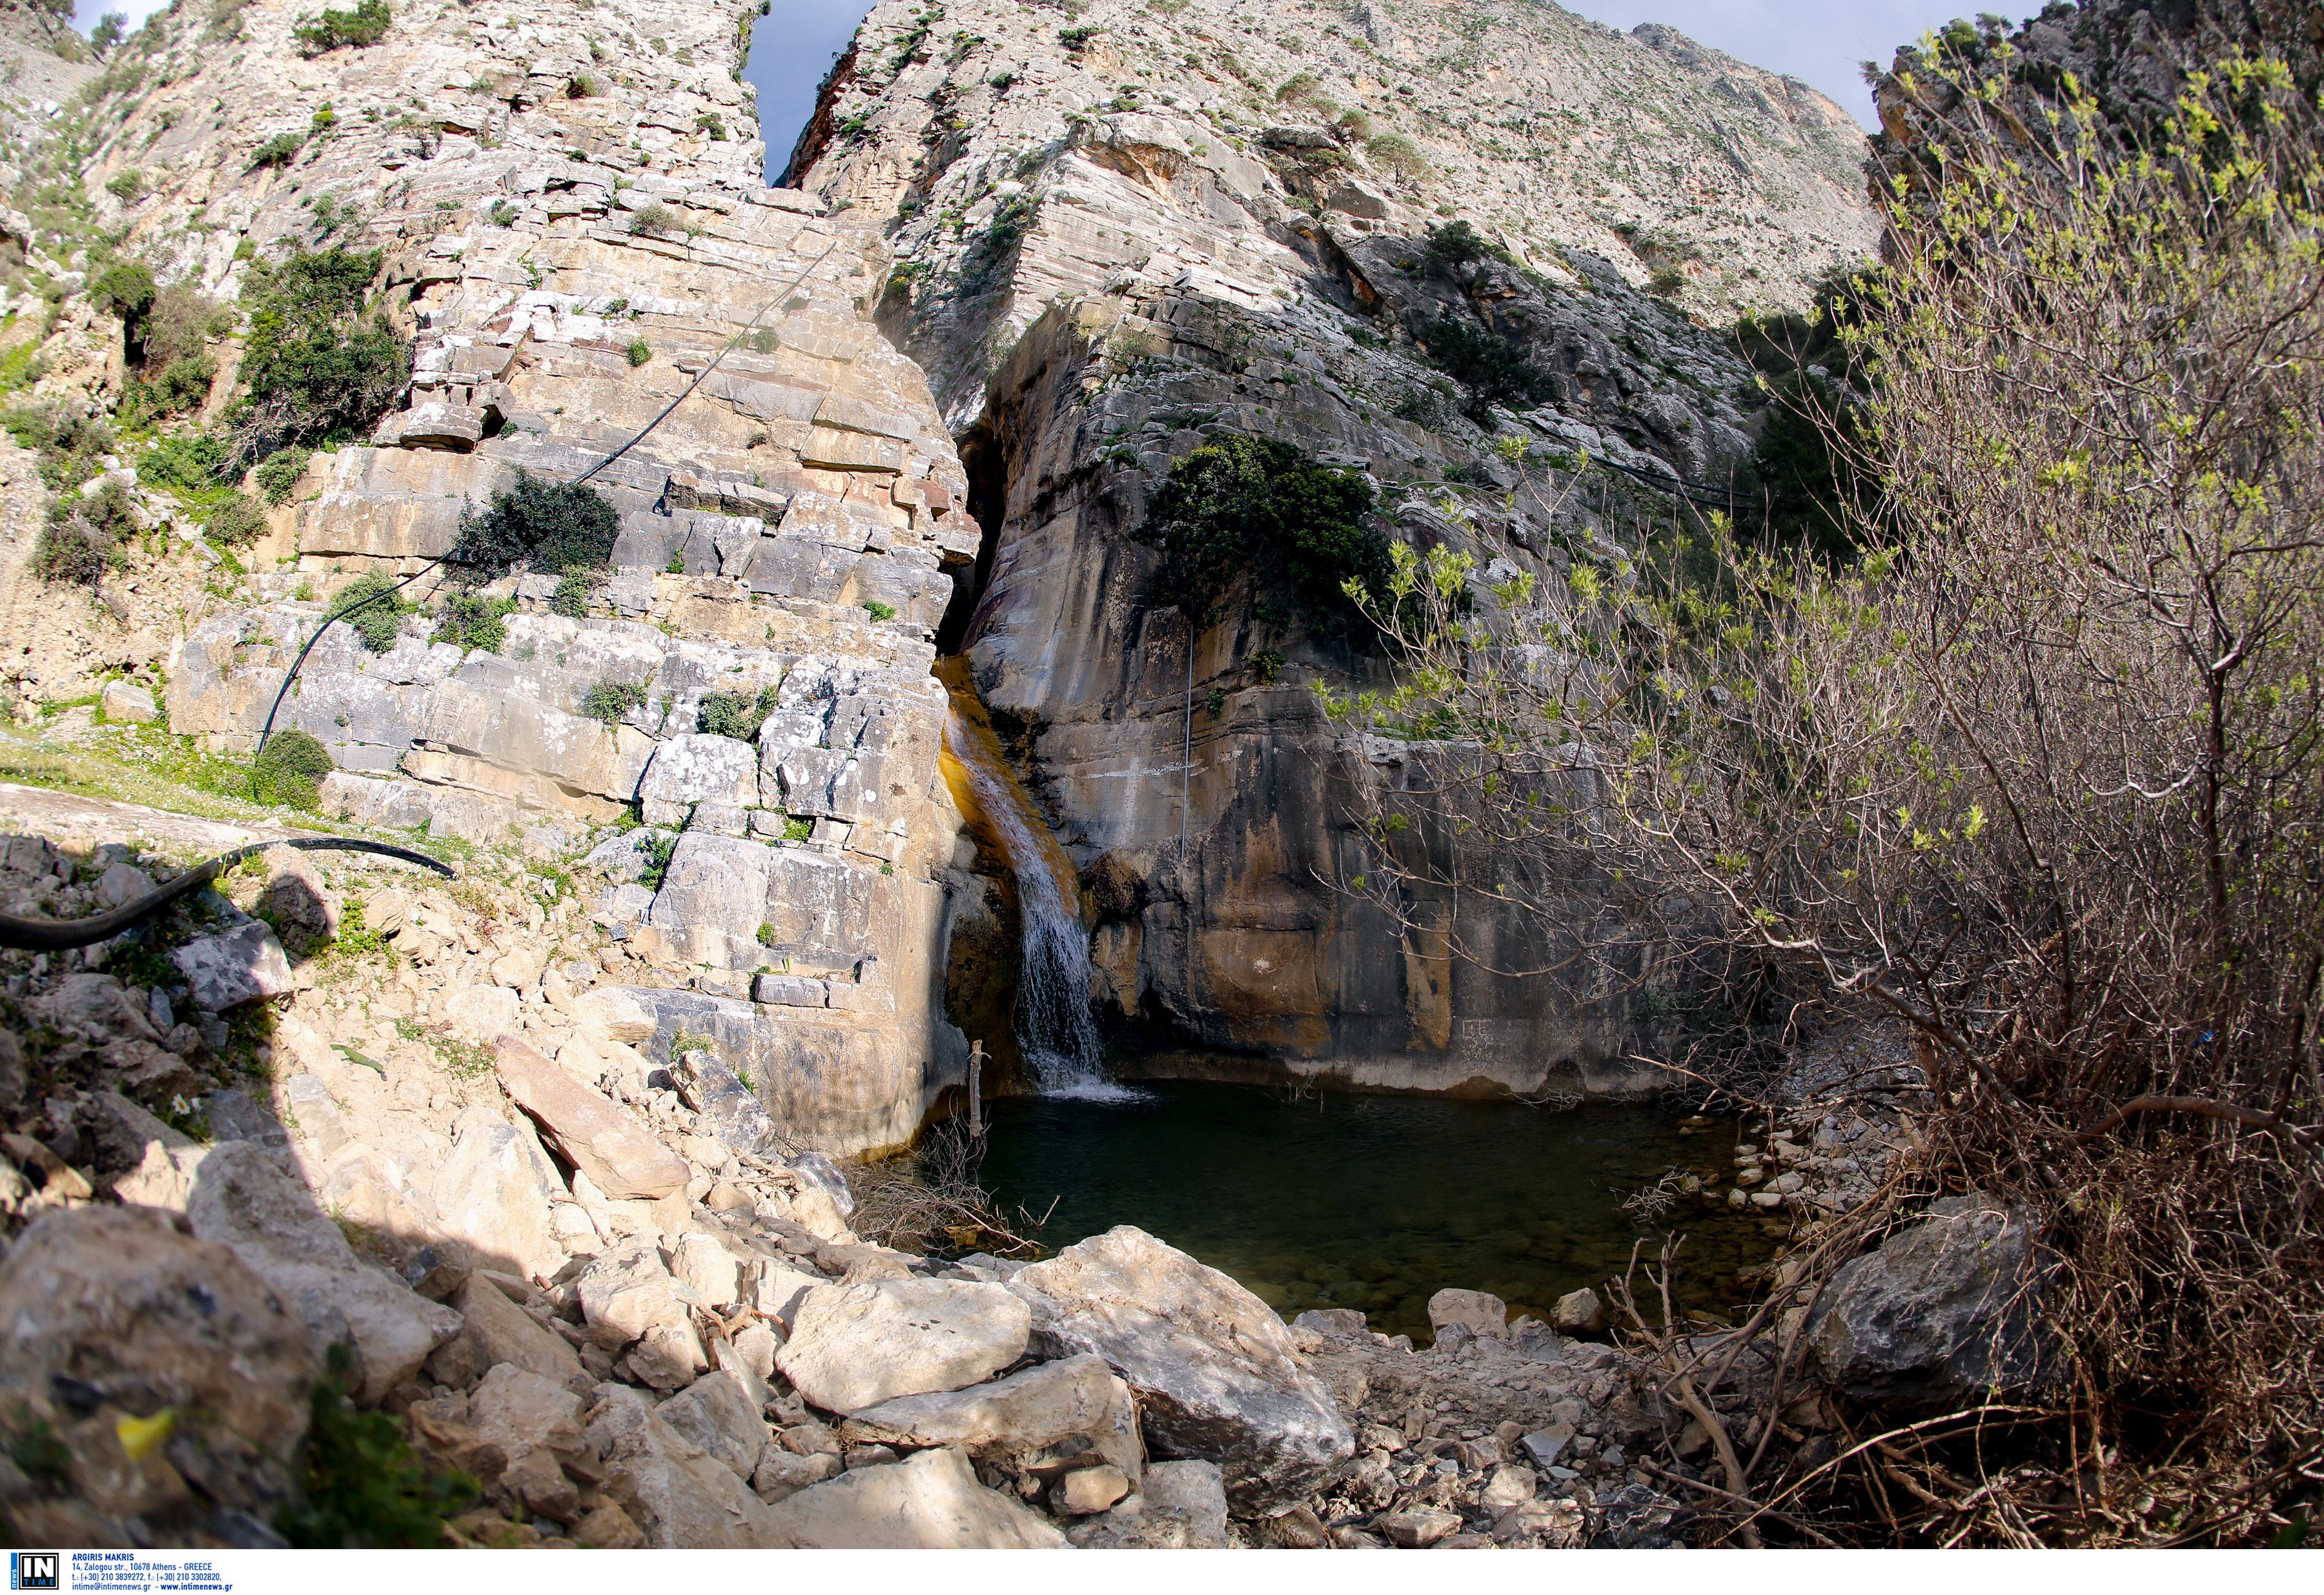 Κρήτη: Με αποστάσεις, μάσκες και αντισηπτικά ανοίγει ξανά το διάσημο Φαράγγι της Σαμαριάς